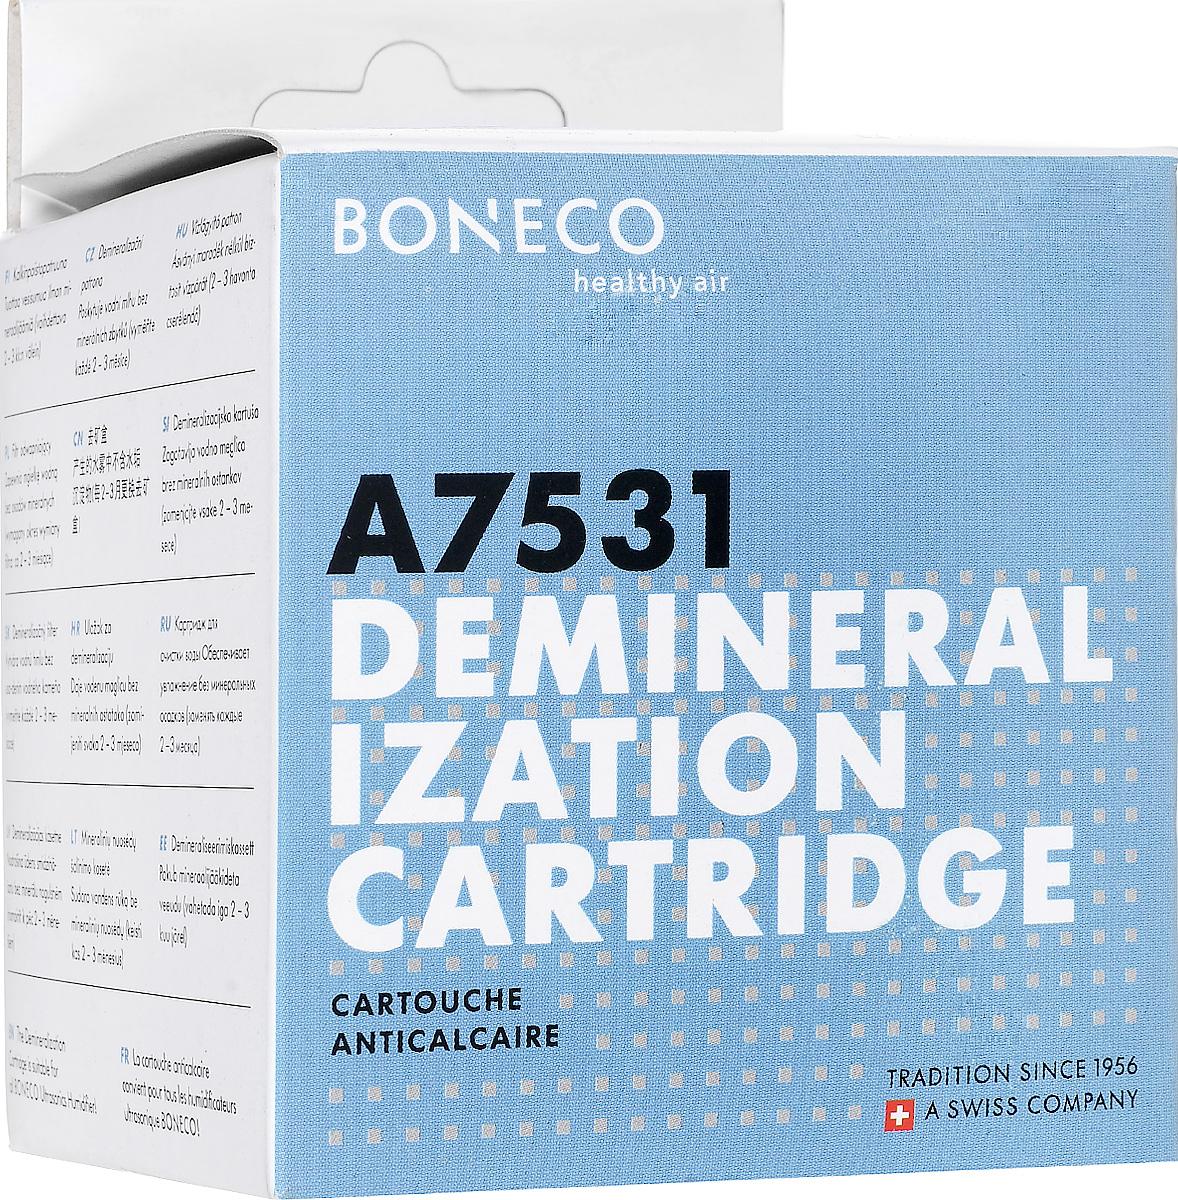 Boneco 7531 фильтр-картридж AG+НС-0070591Сменный AG+ картридж 7531 представляет собой фильтр-картридж для очистки воды, используемой в ультразвуковых увлажнителях воздуха. Фильтр-картридж эффективно очищает жидкость от различных примесей. Этот элемент играет важную роль в работе ультразвукового увлажнителя, поскольку препятствует возникновению так называемого белого налета, который представляет собой не что иное как соли и другие вещества, растворенные в жесткой воде. Как известно, ультразвуковой увлажнитель распыляет воду со всем содержимым, соответственно, капли водяной пыли оседают на поверхностях, влага испаряется, а растворенные минеральные соли остаются. Поэтому при использовании жесткой воды (воды из-под крана), возможно появление белого налета (минеральных солей, содержащихся в жесткой воде), который выглядит как пыль. AG+ картридж 7531 эффективно очищает испаряемую воду от минеральных солей, ржавчины, остатков извести и других веществ. Значительное продление срока службы картриджа достигается благодаря...